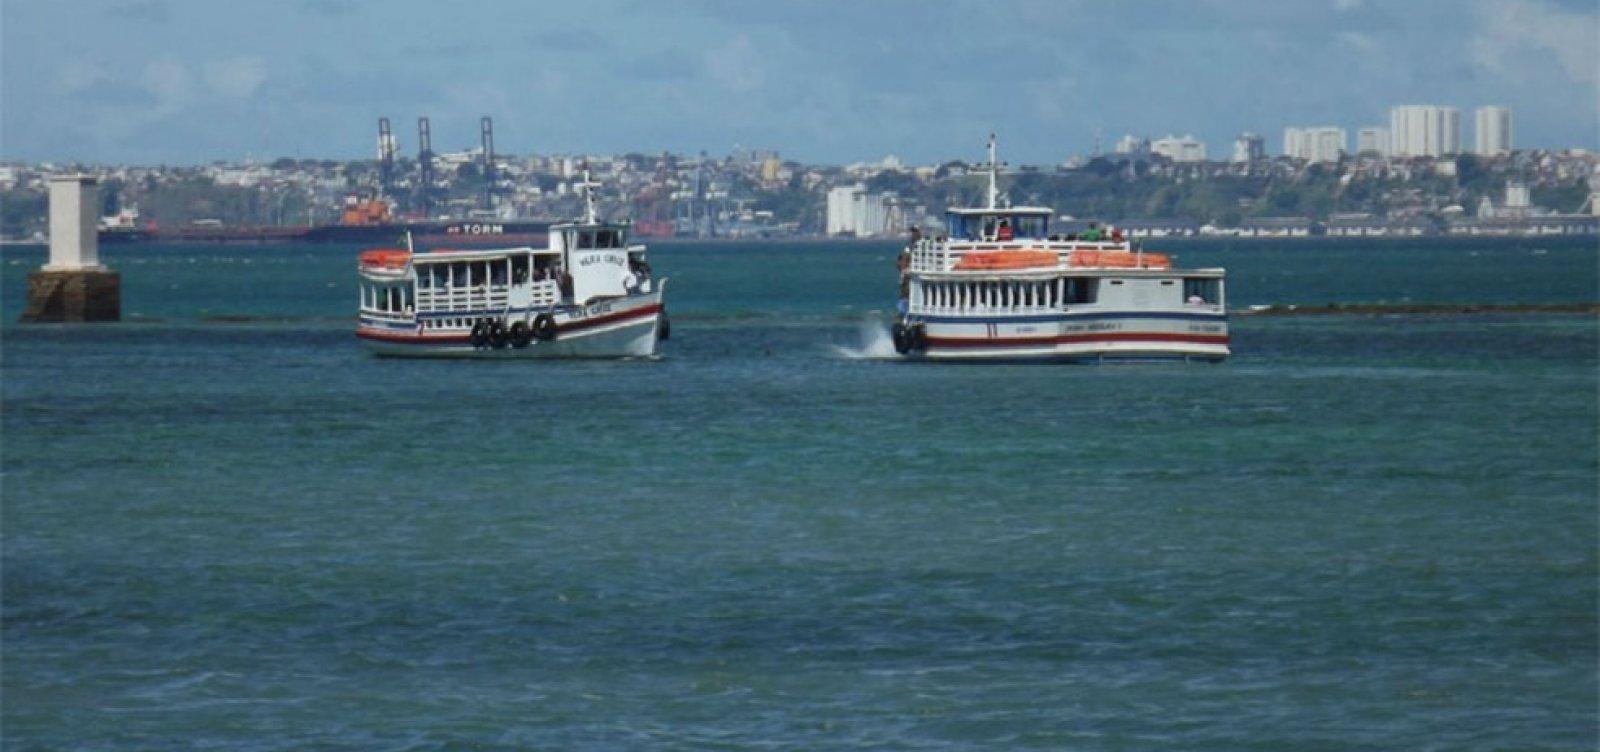 Travessia Salvador-Mar Grande opera com boas condições neste domingo